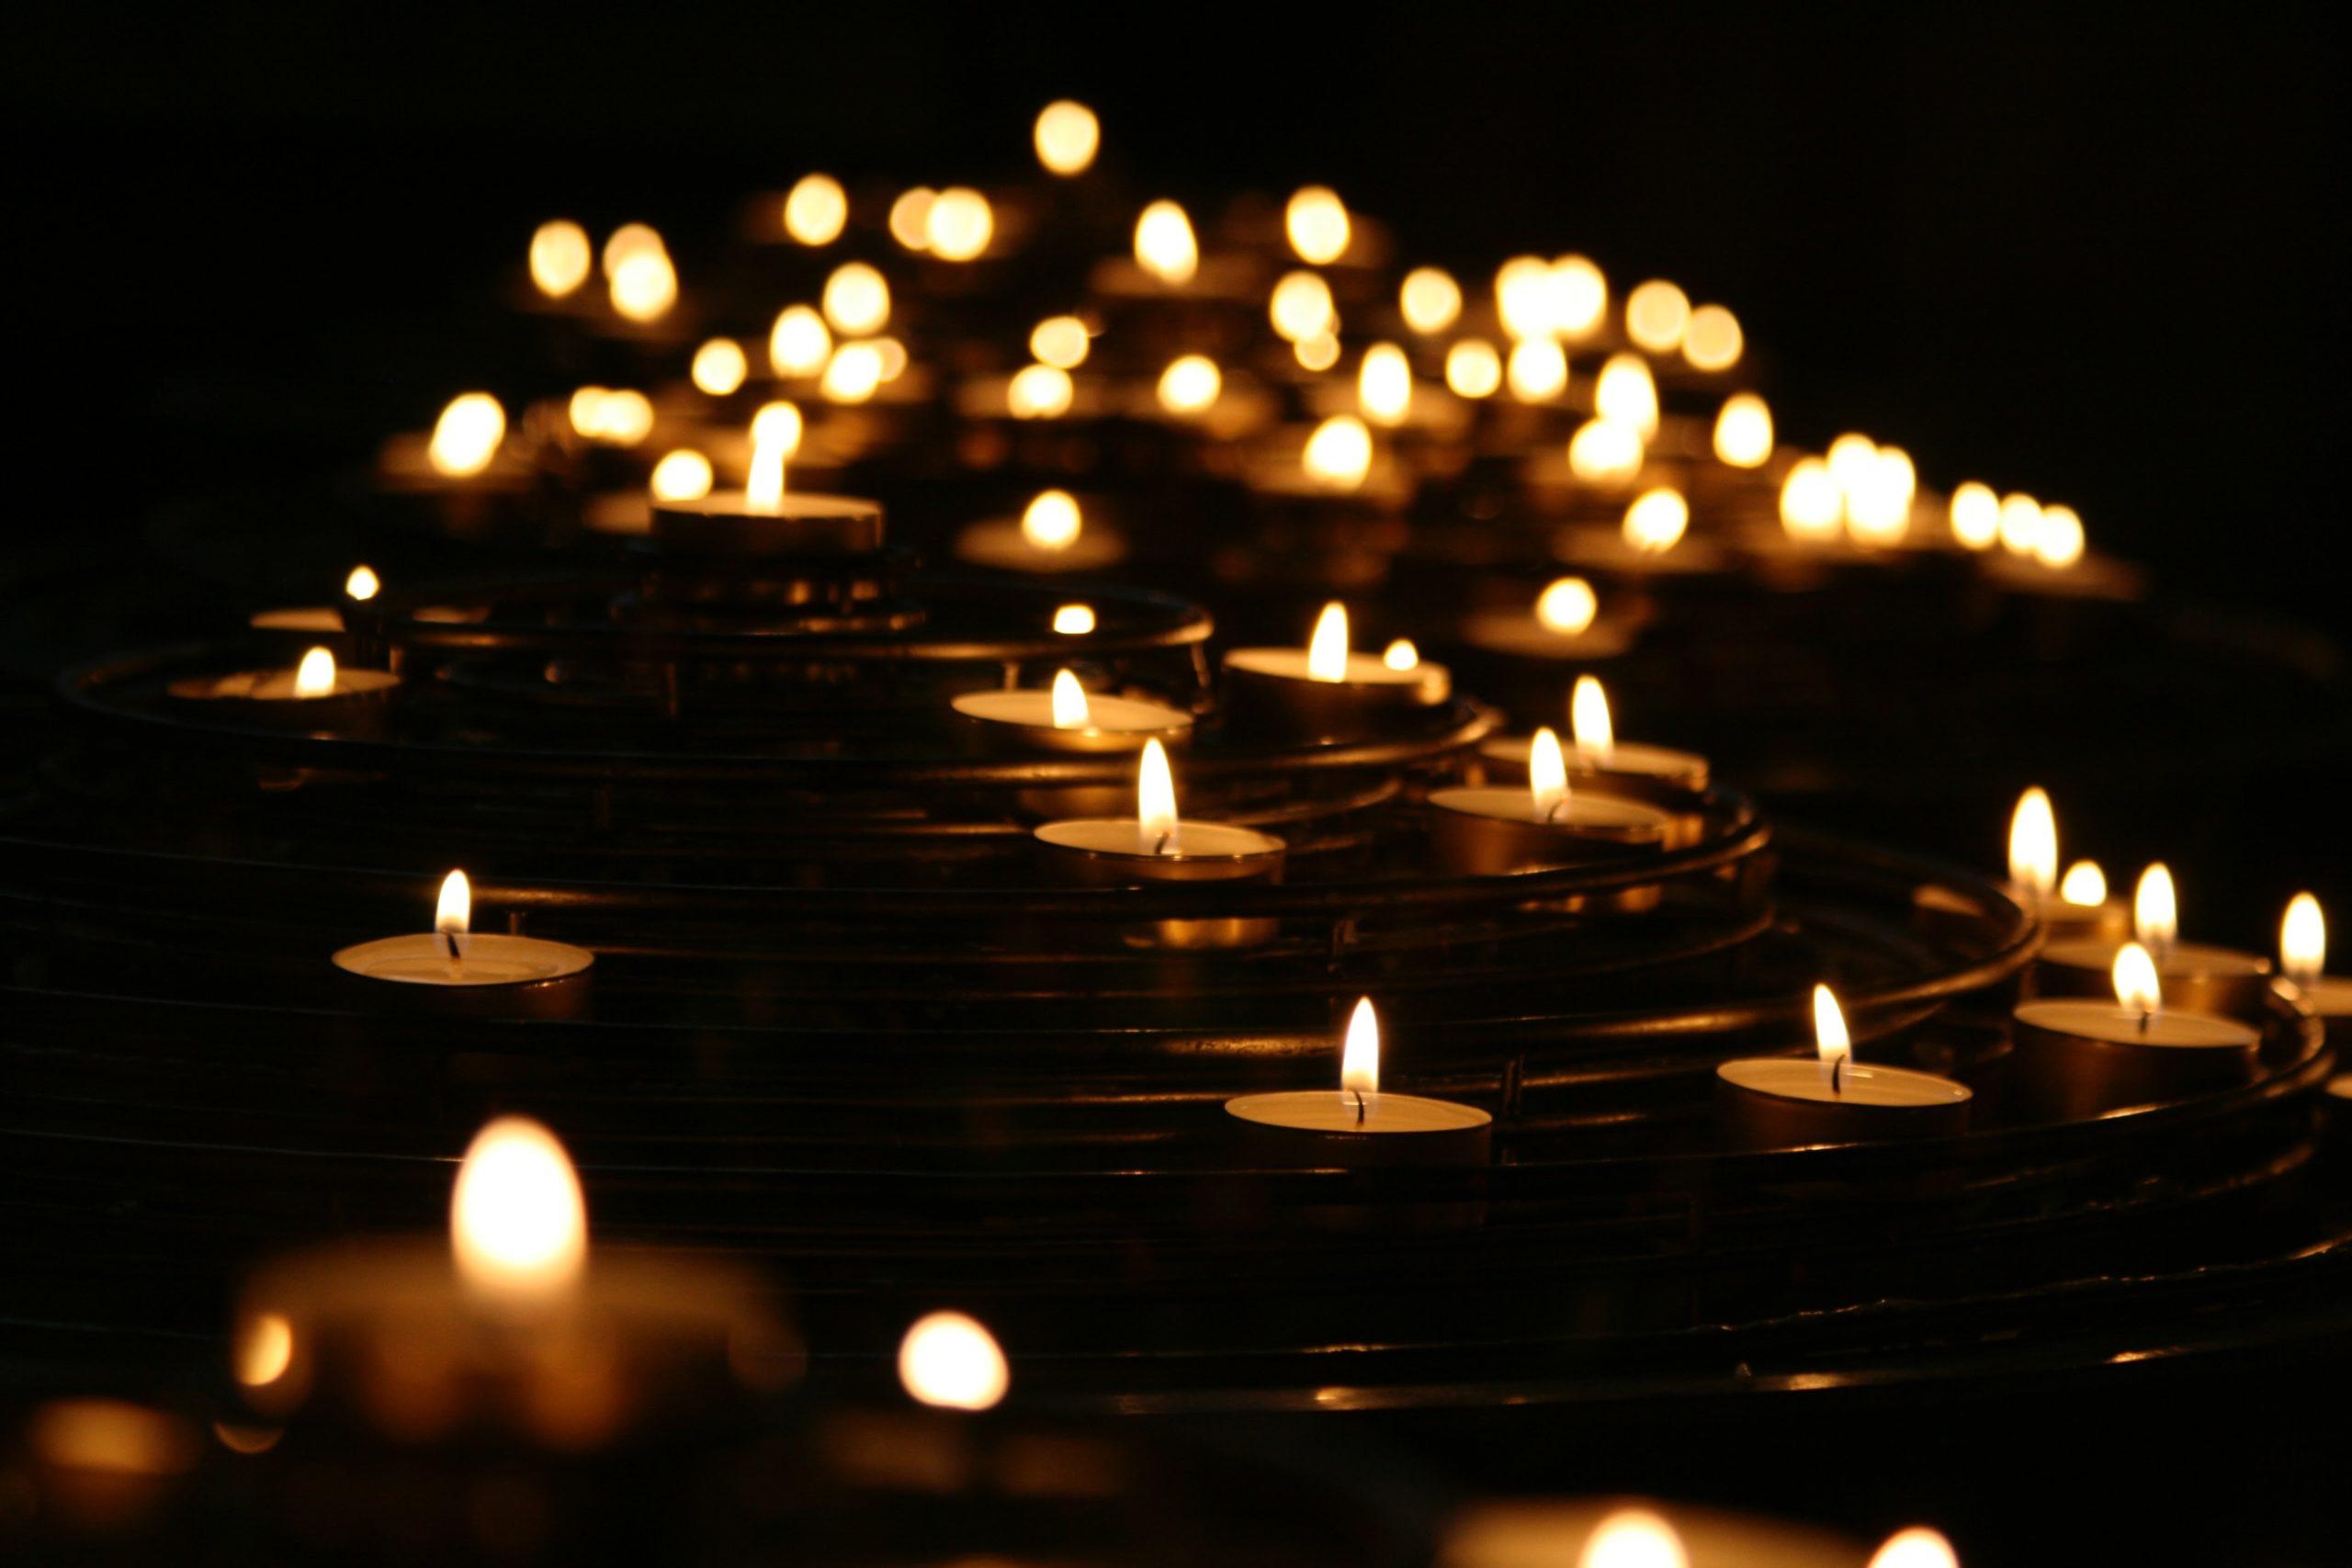 many candles at night